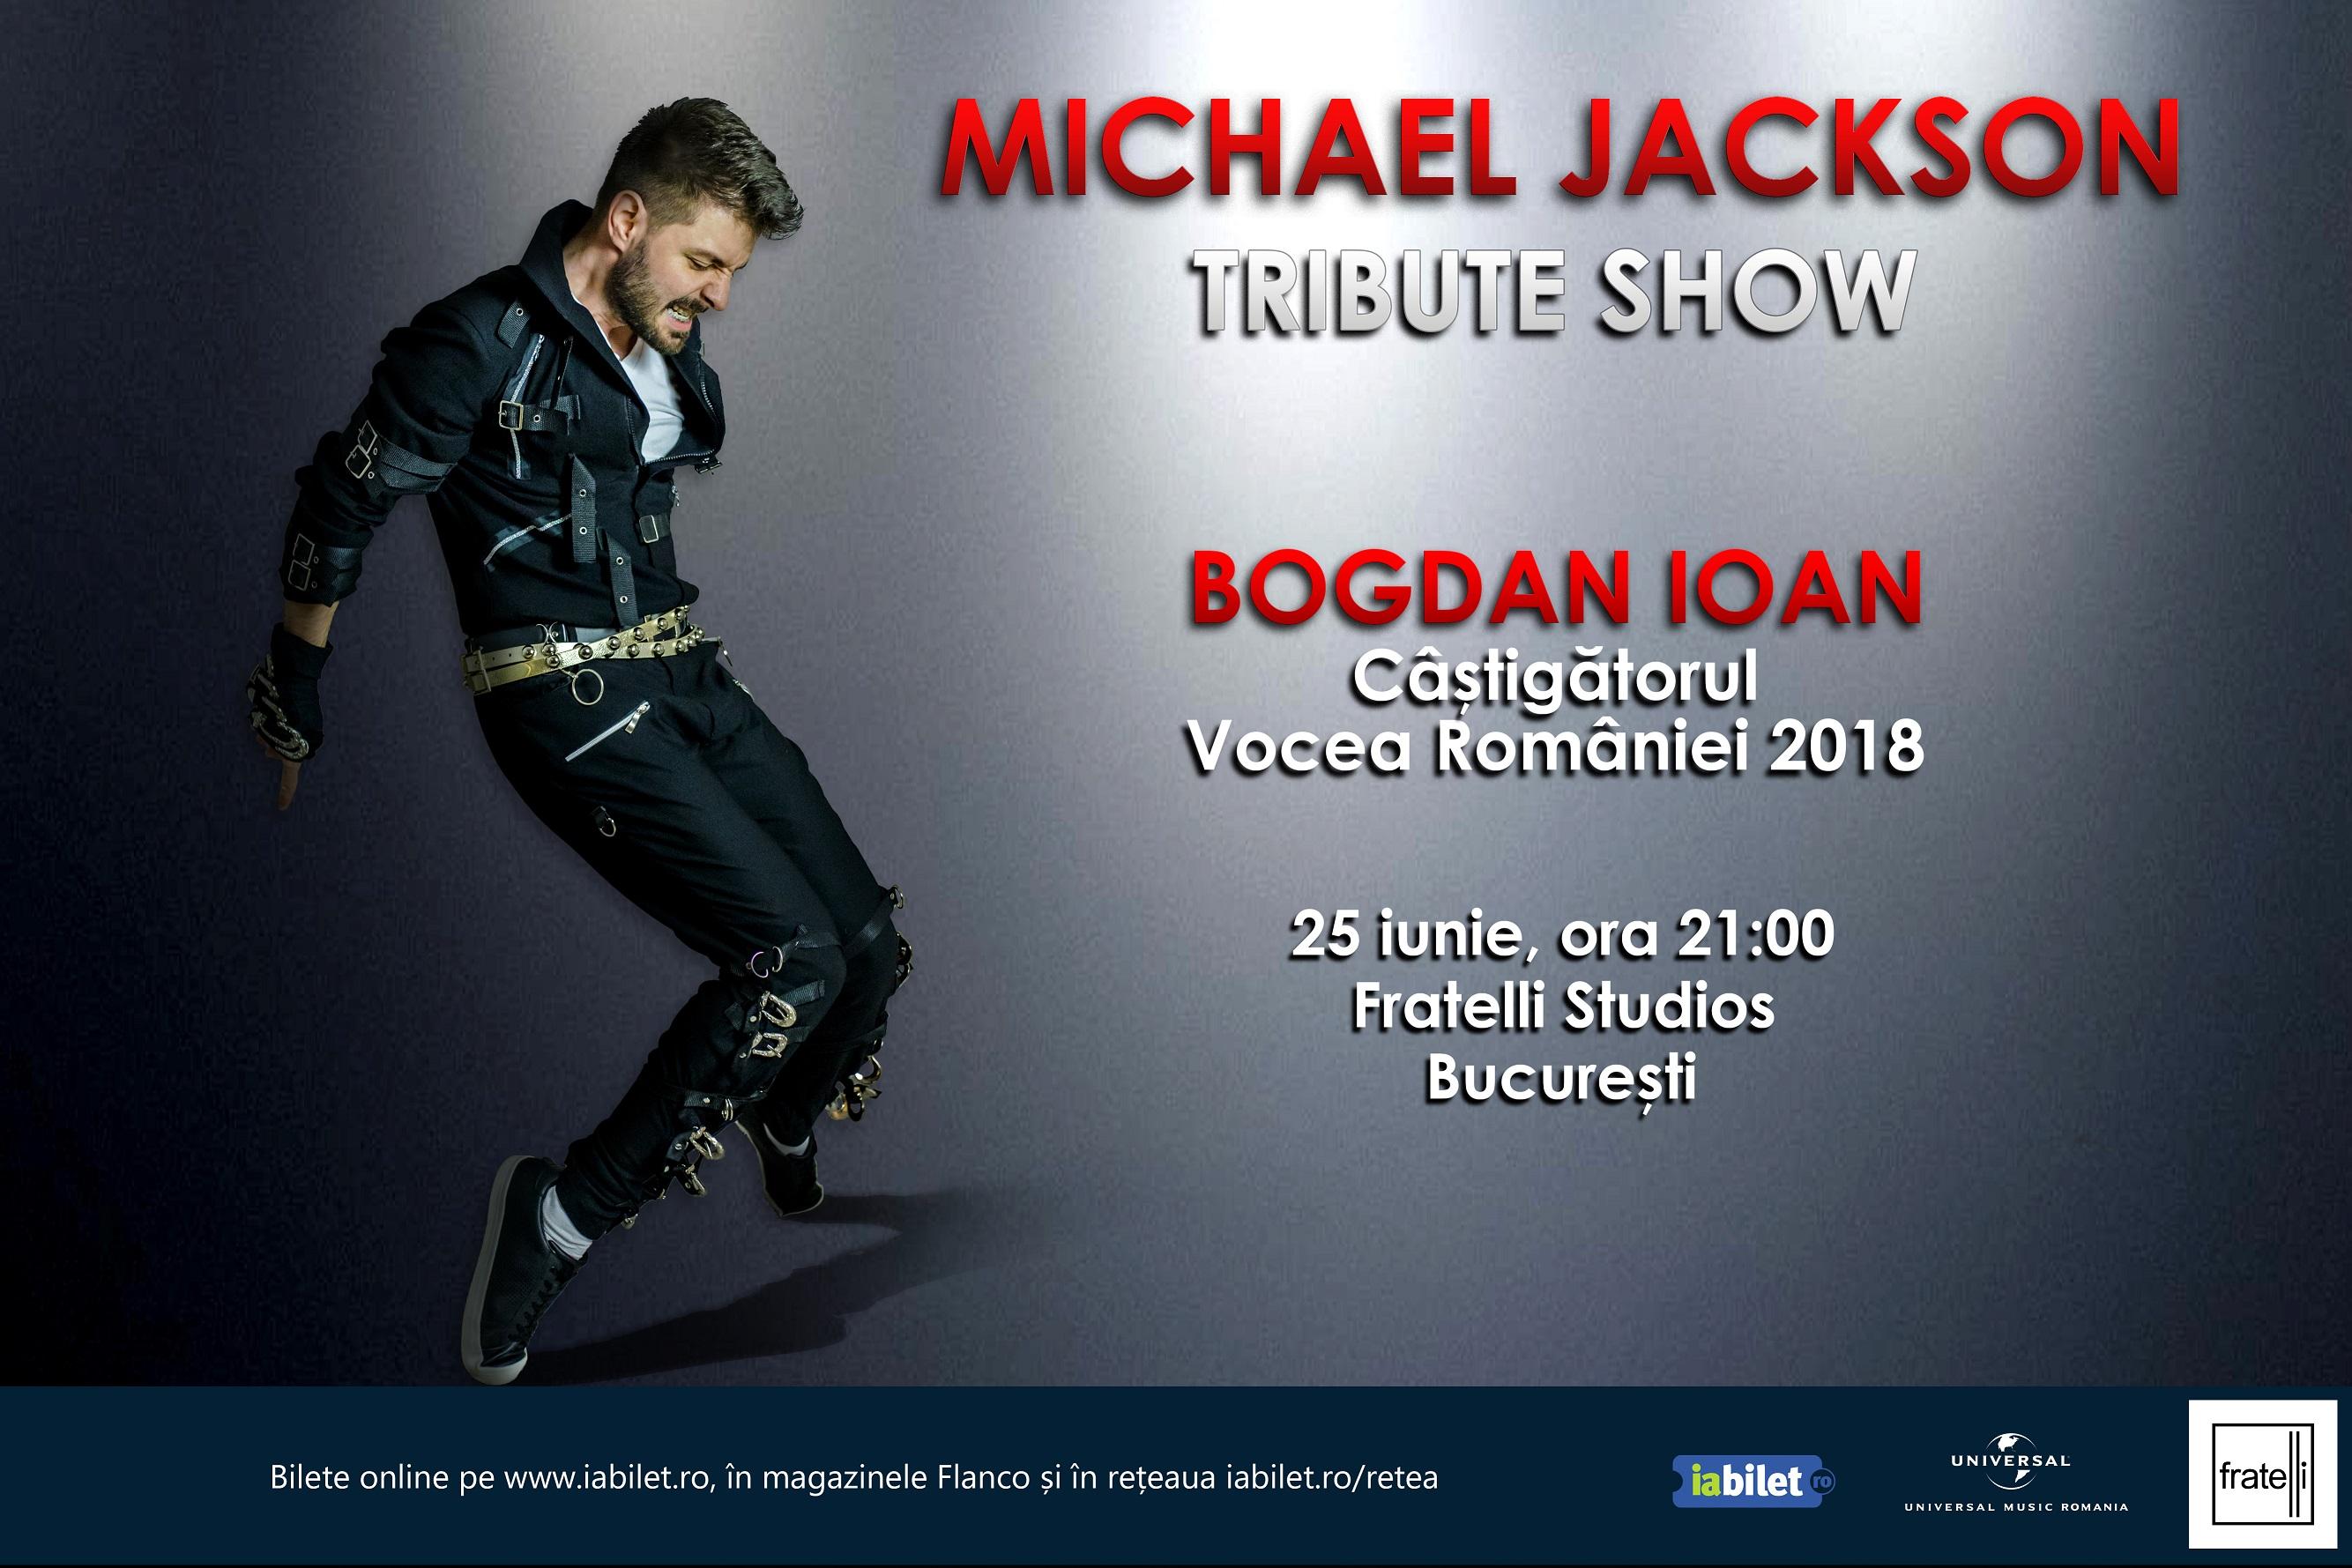 Celebrul blogger Shady Shae vine special in Romania, la concertul Michael Jackson Tribute Show pentru a-l asculta live pe Bogdan Ioan